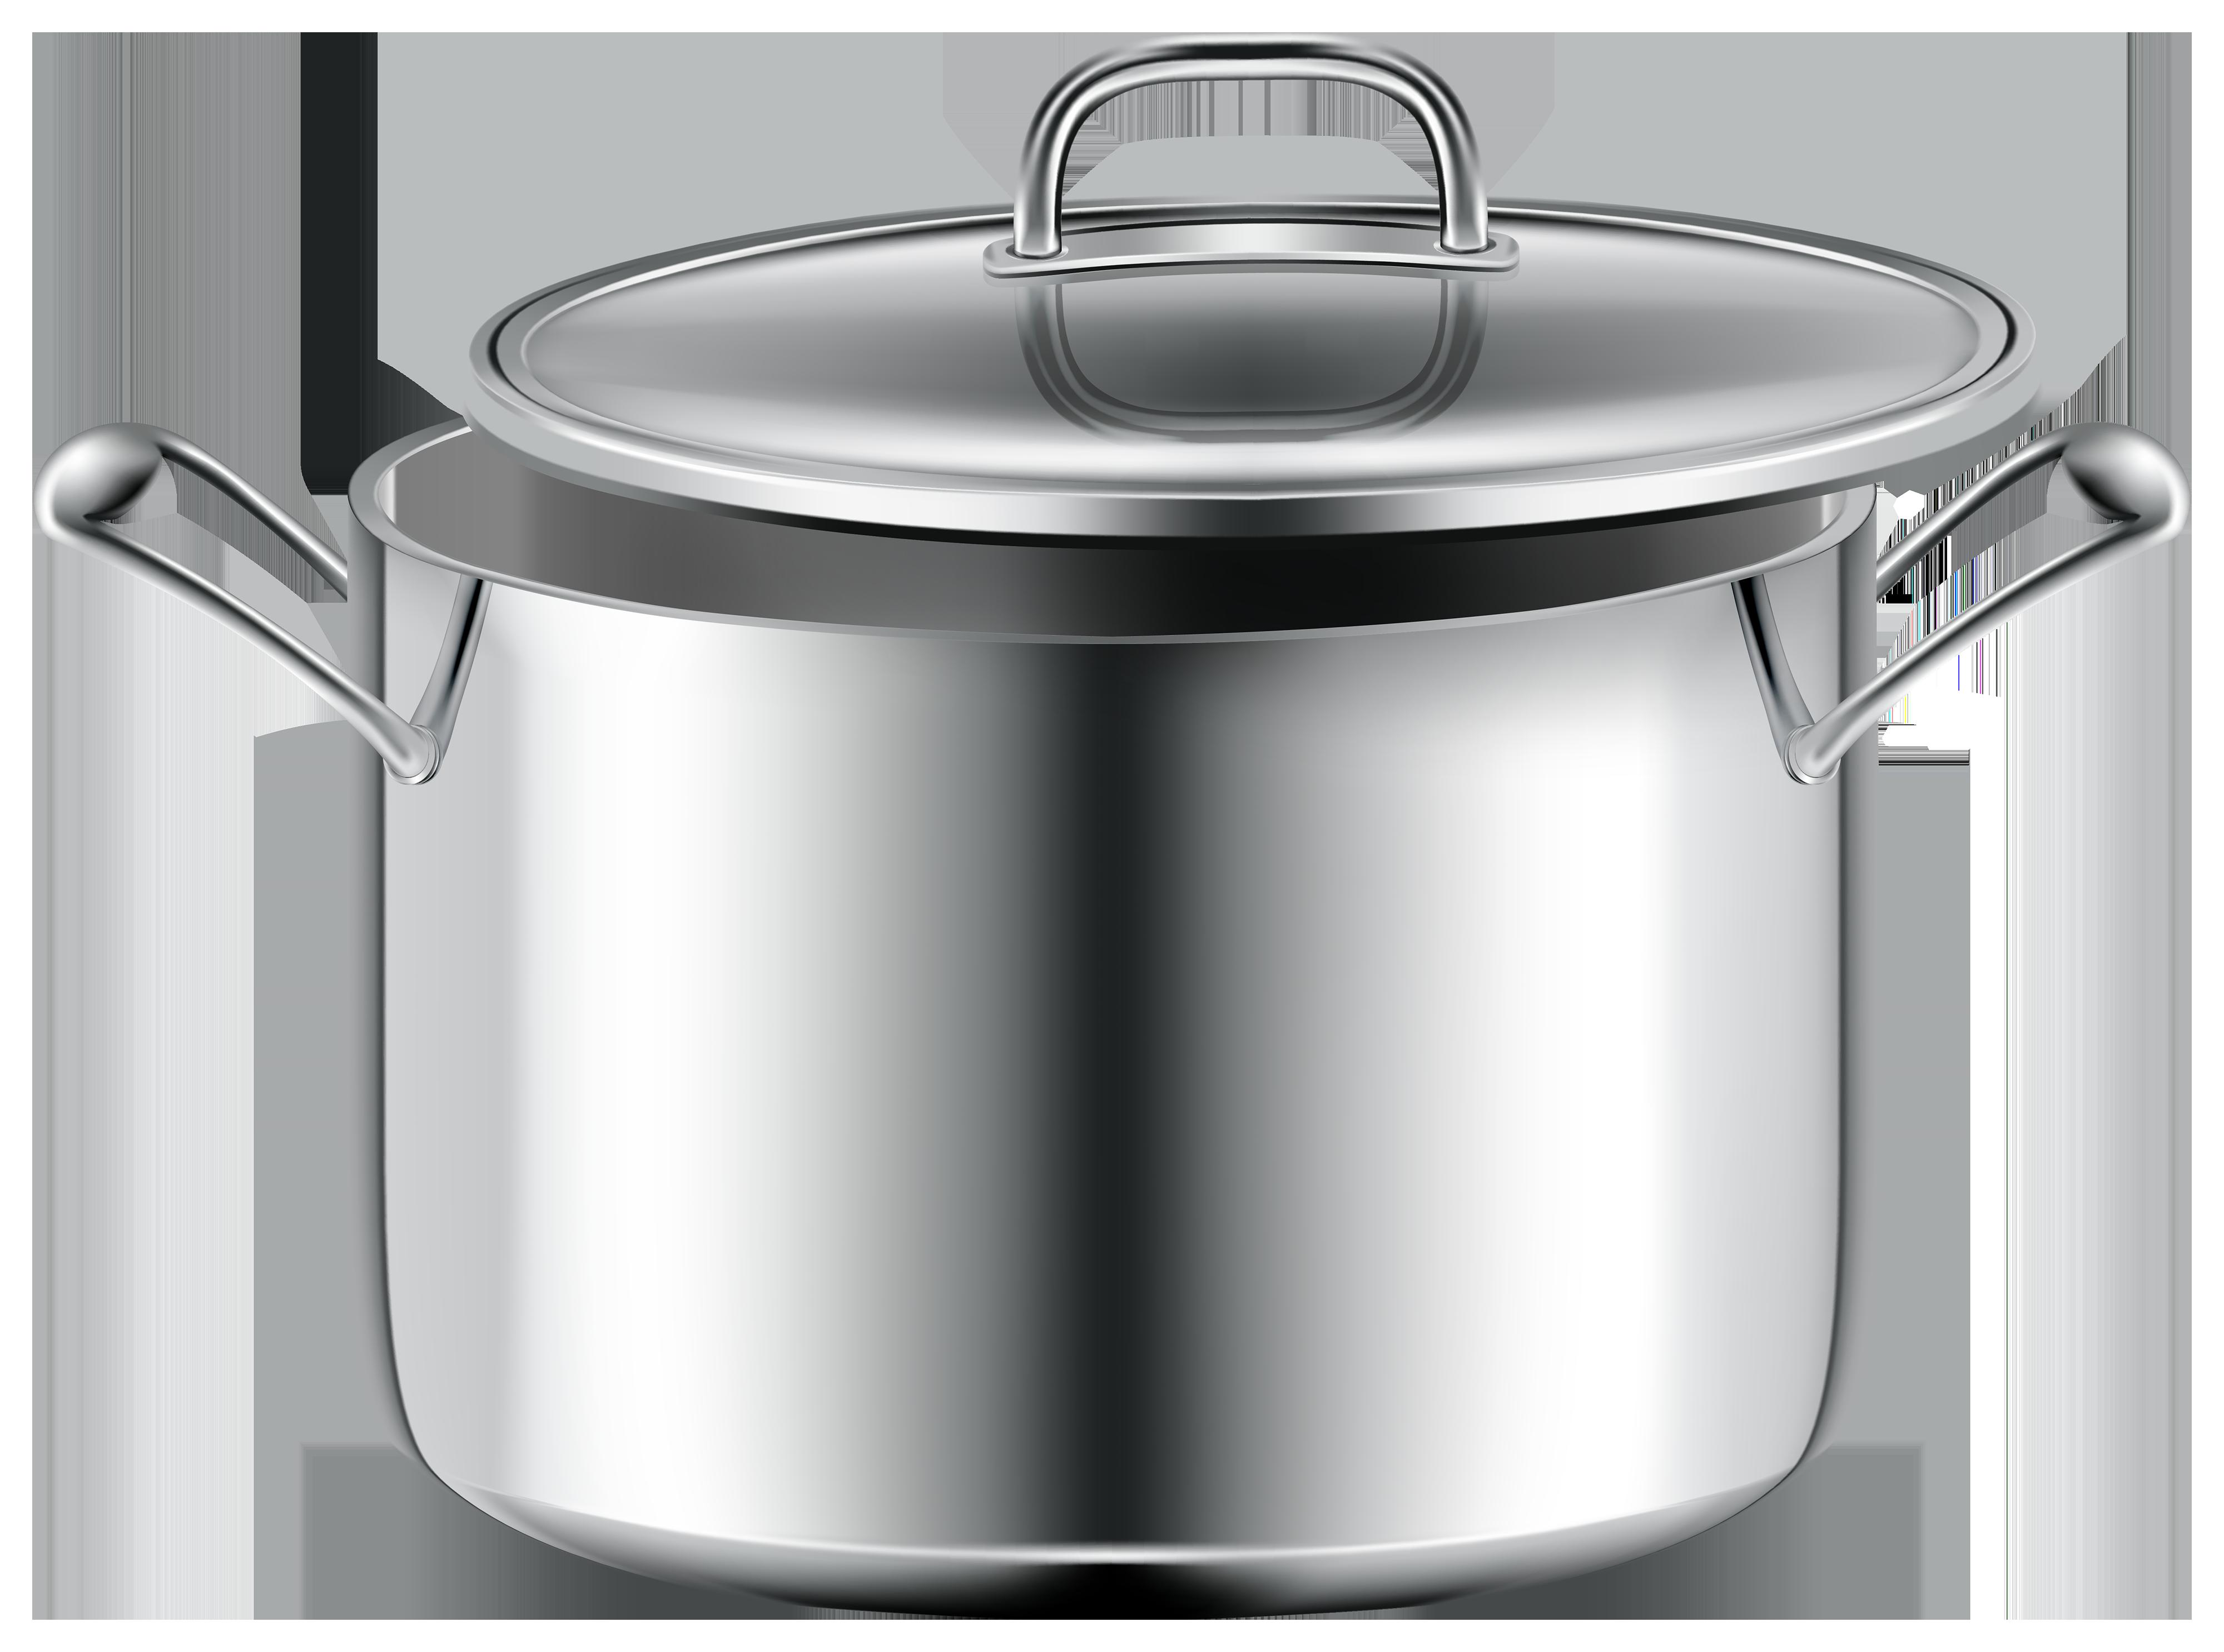 Cooking Pot Png Image Cozinha Pano De Copa Cha De Panela